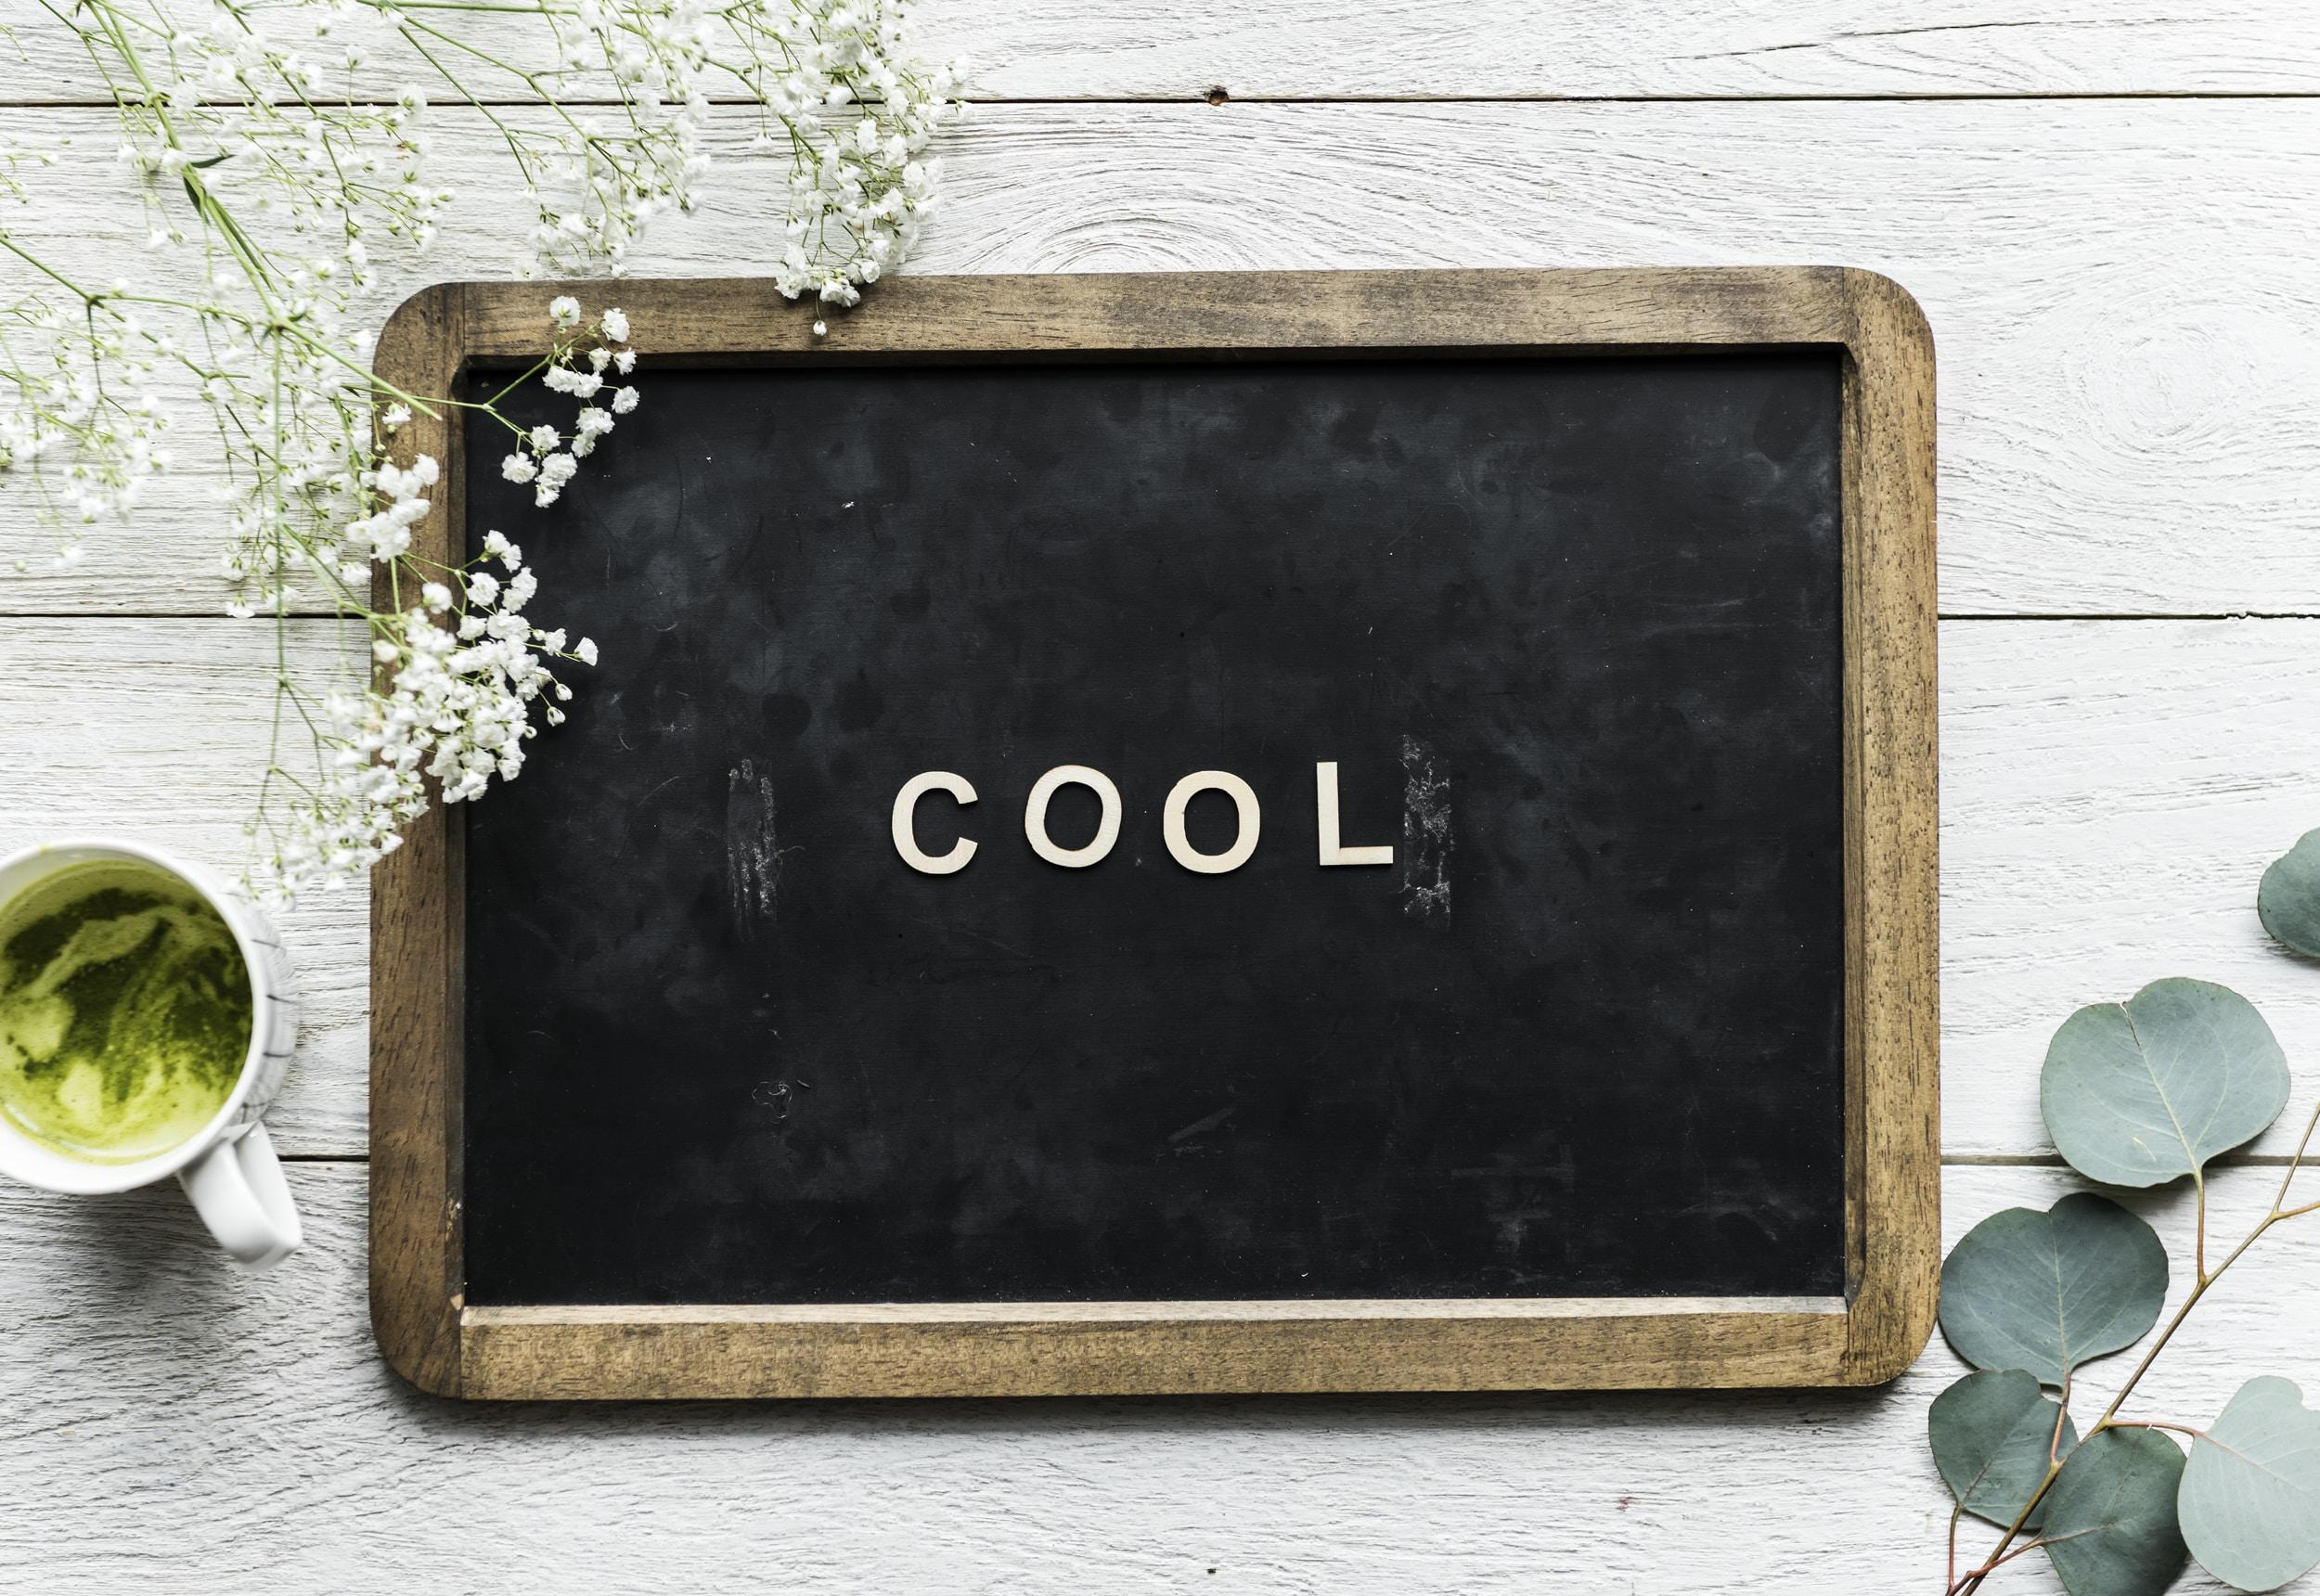 Cool written on chalkboard